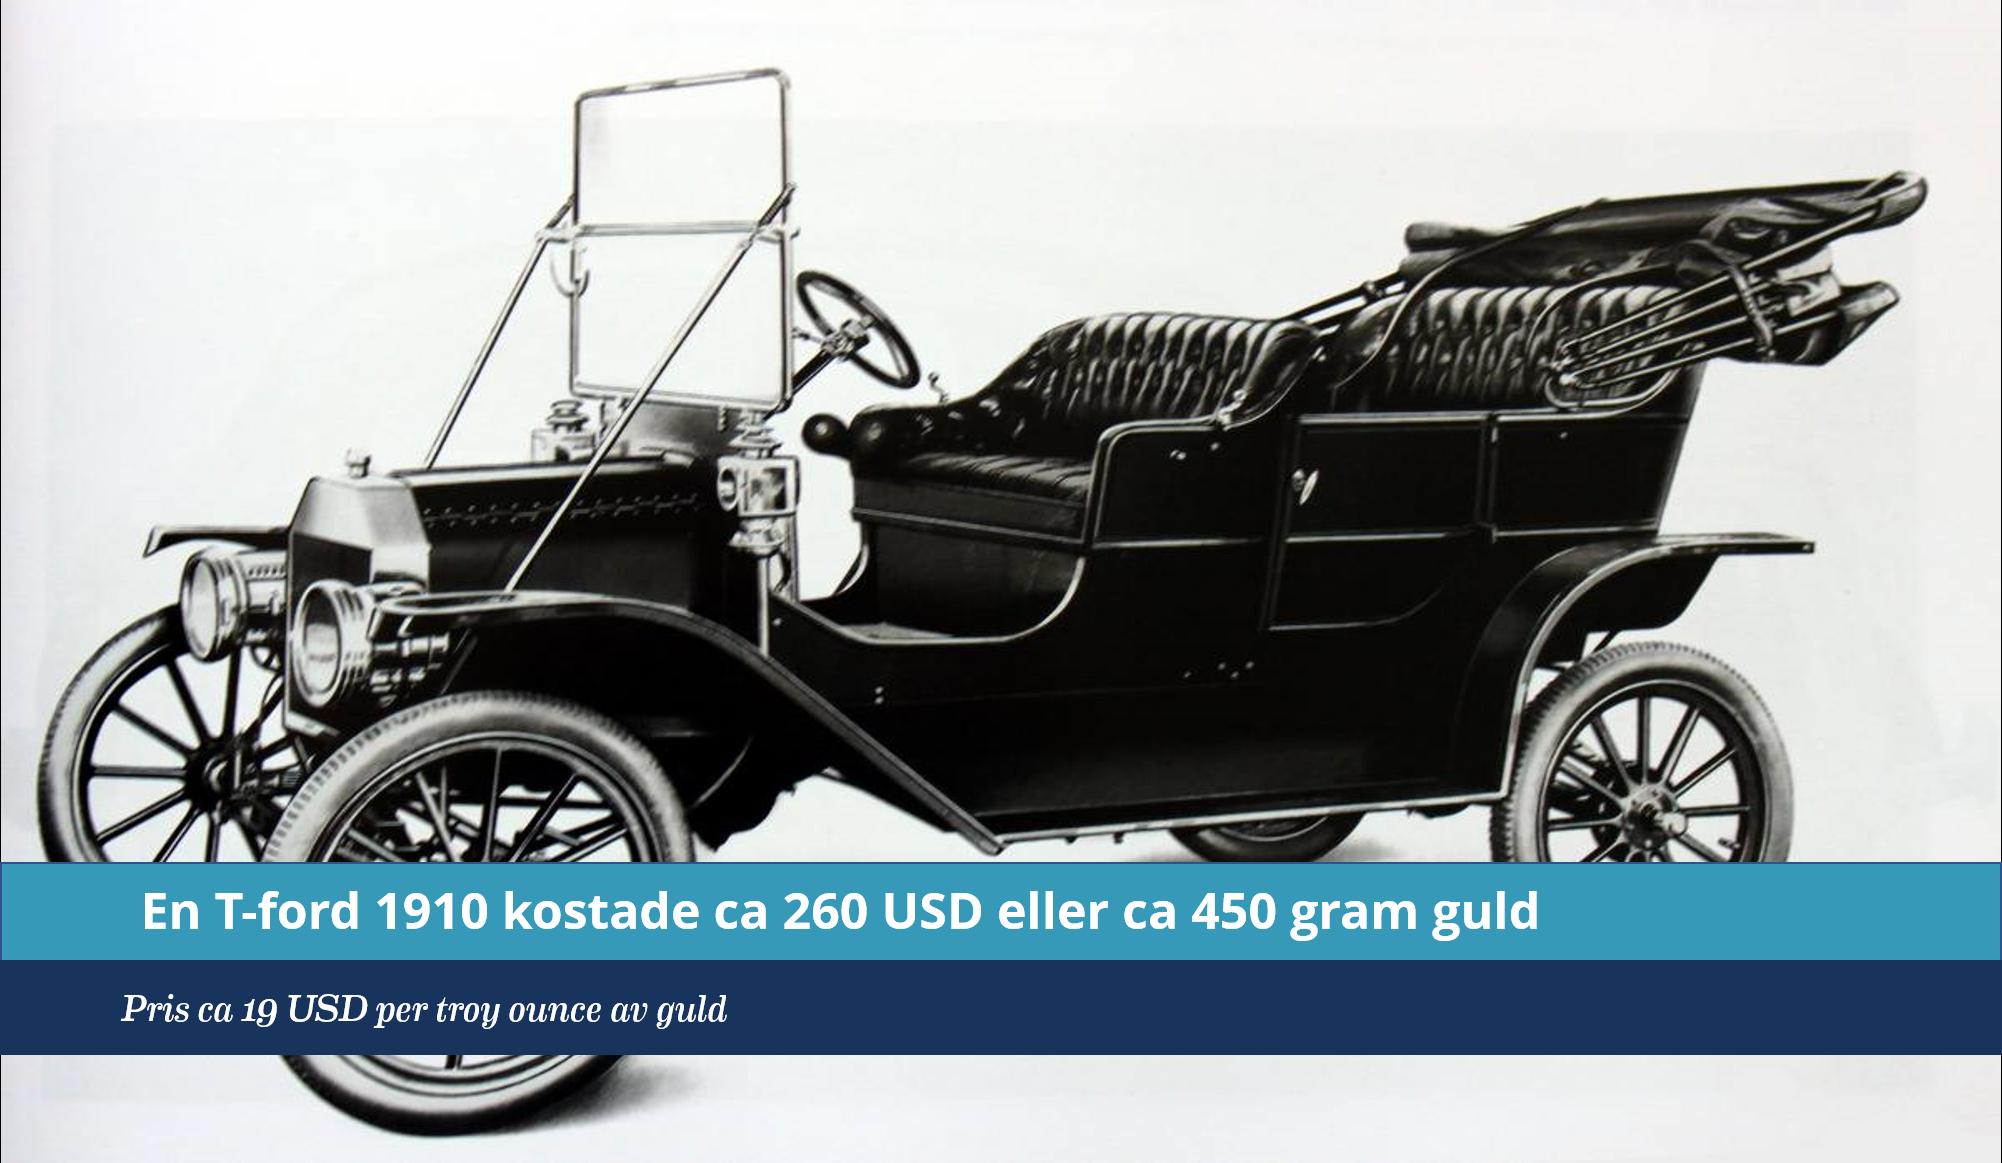 En T-ford kostade 1910 ca 260 USD eller 450 g guld.